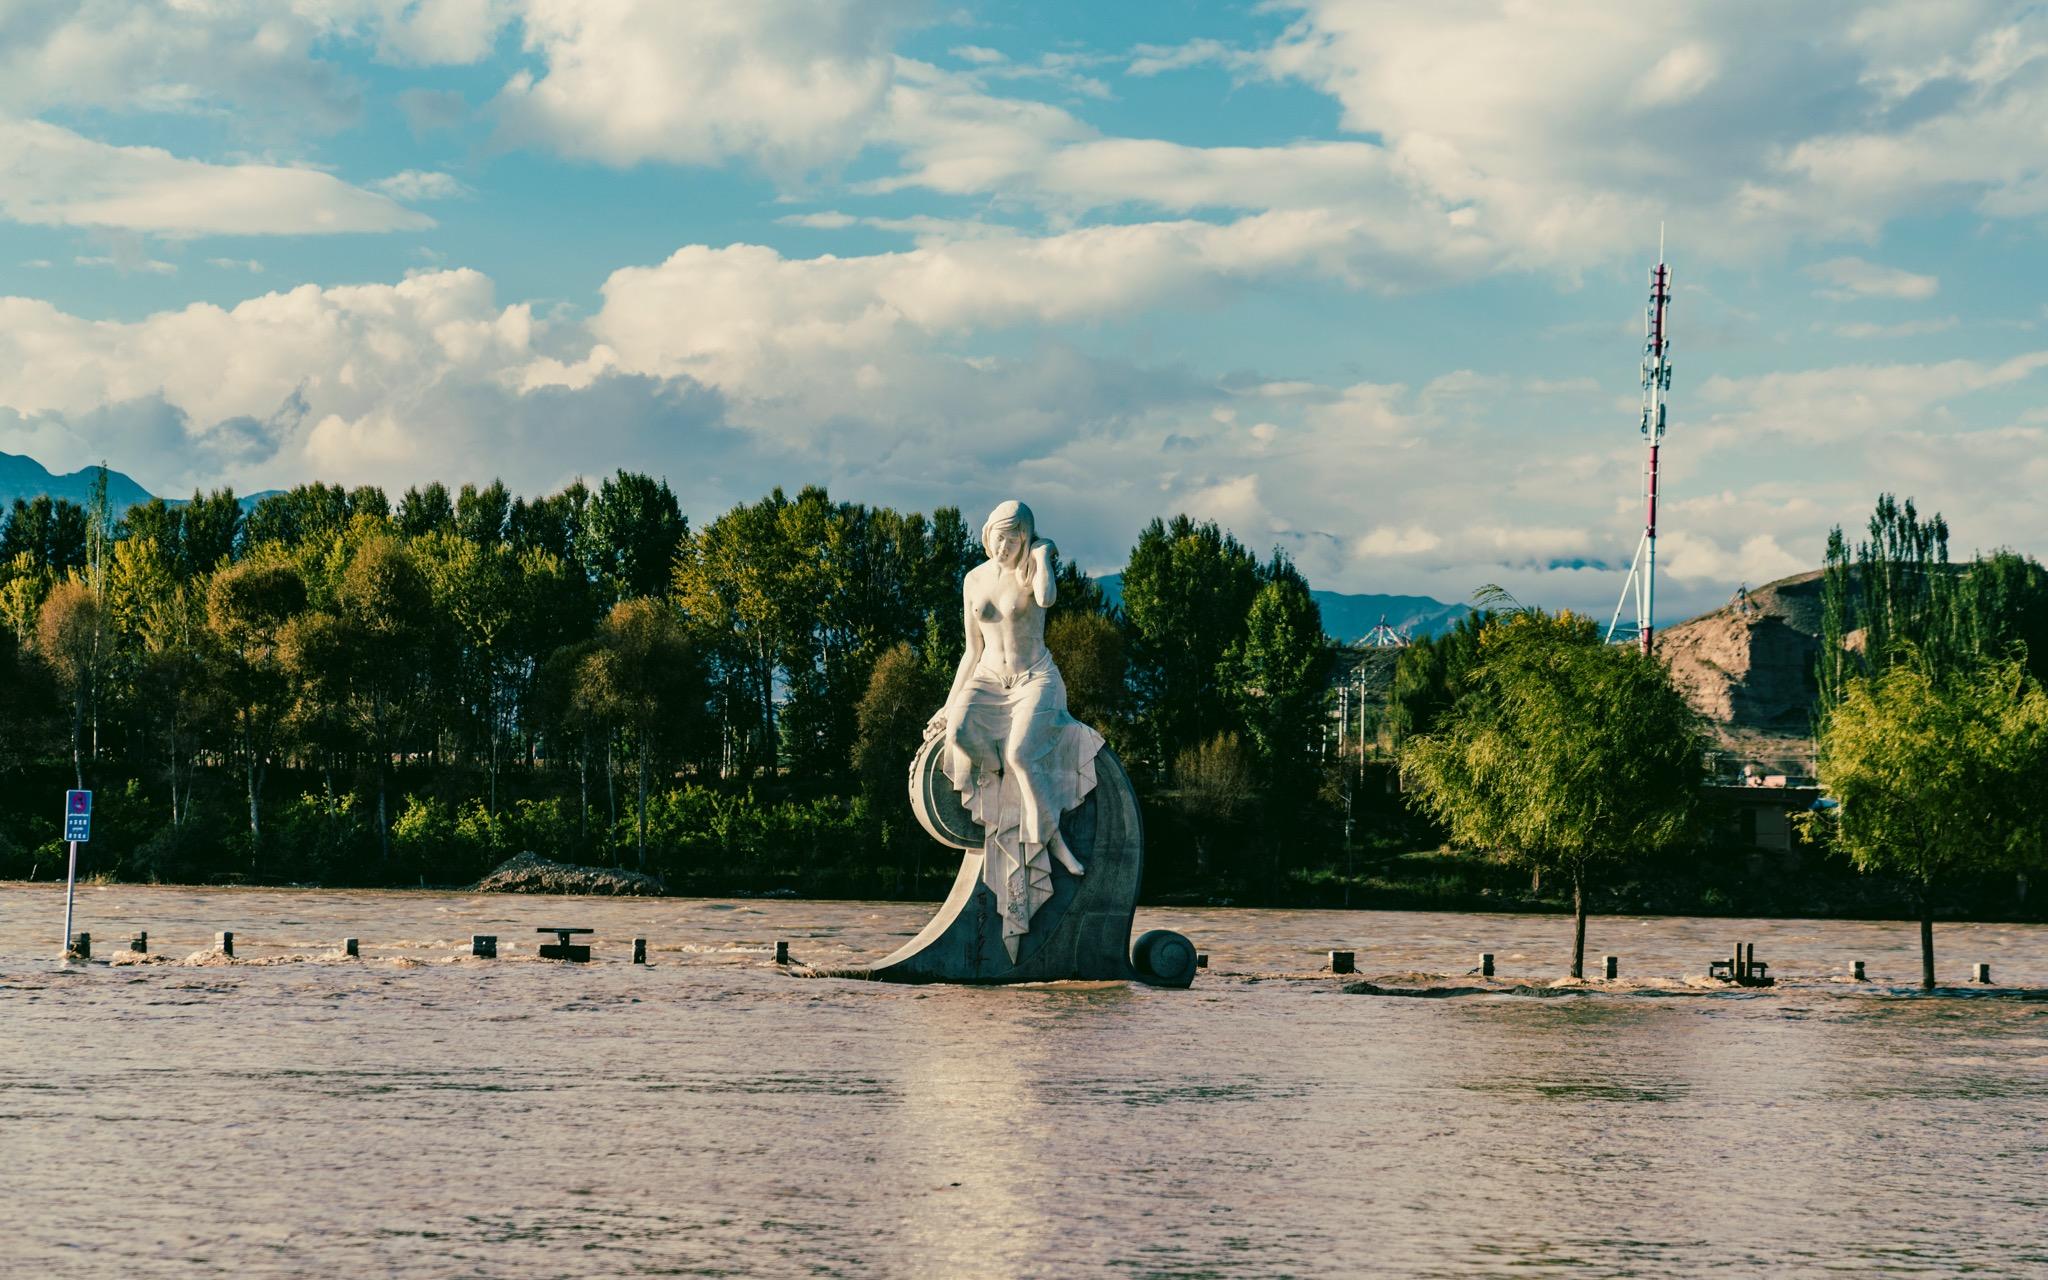 景区裸女雕像